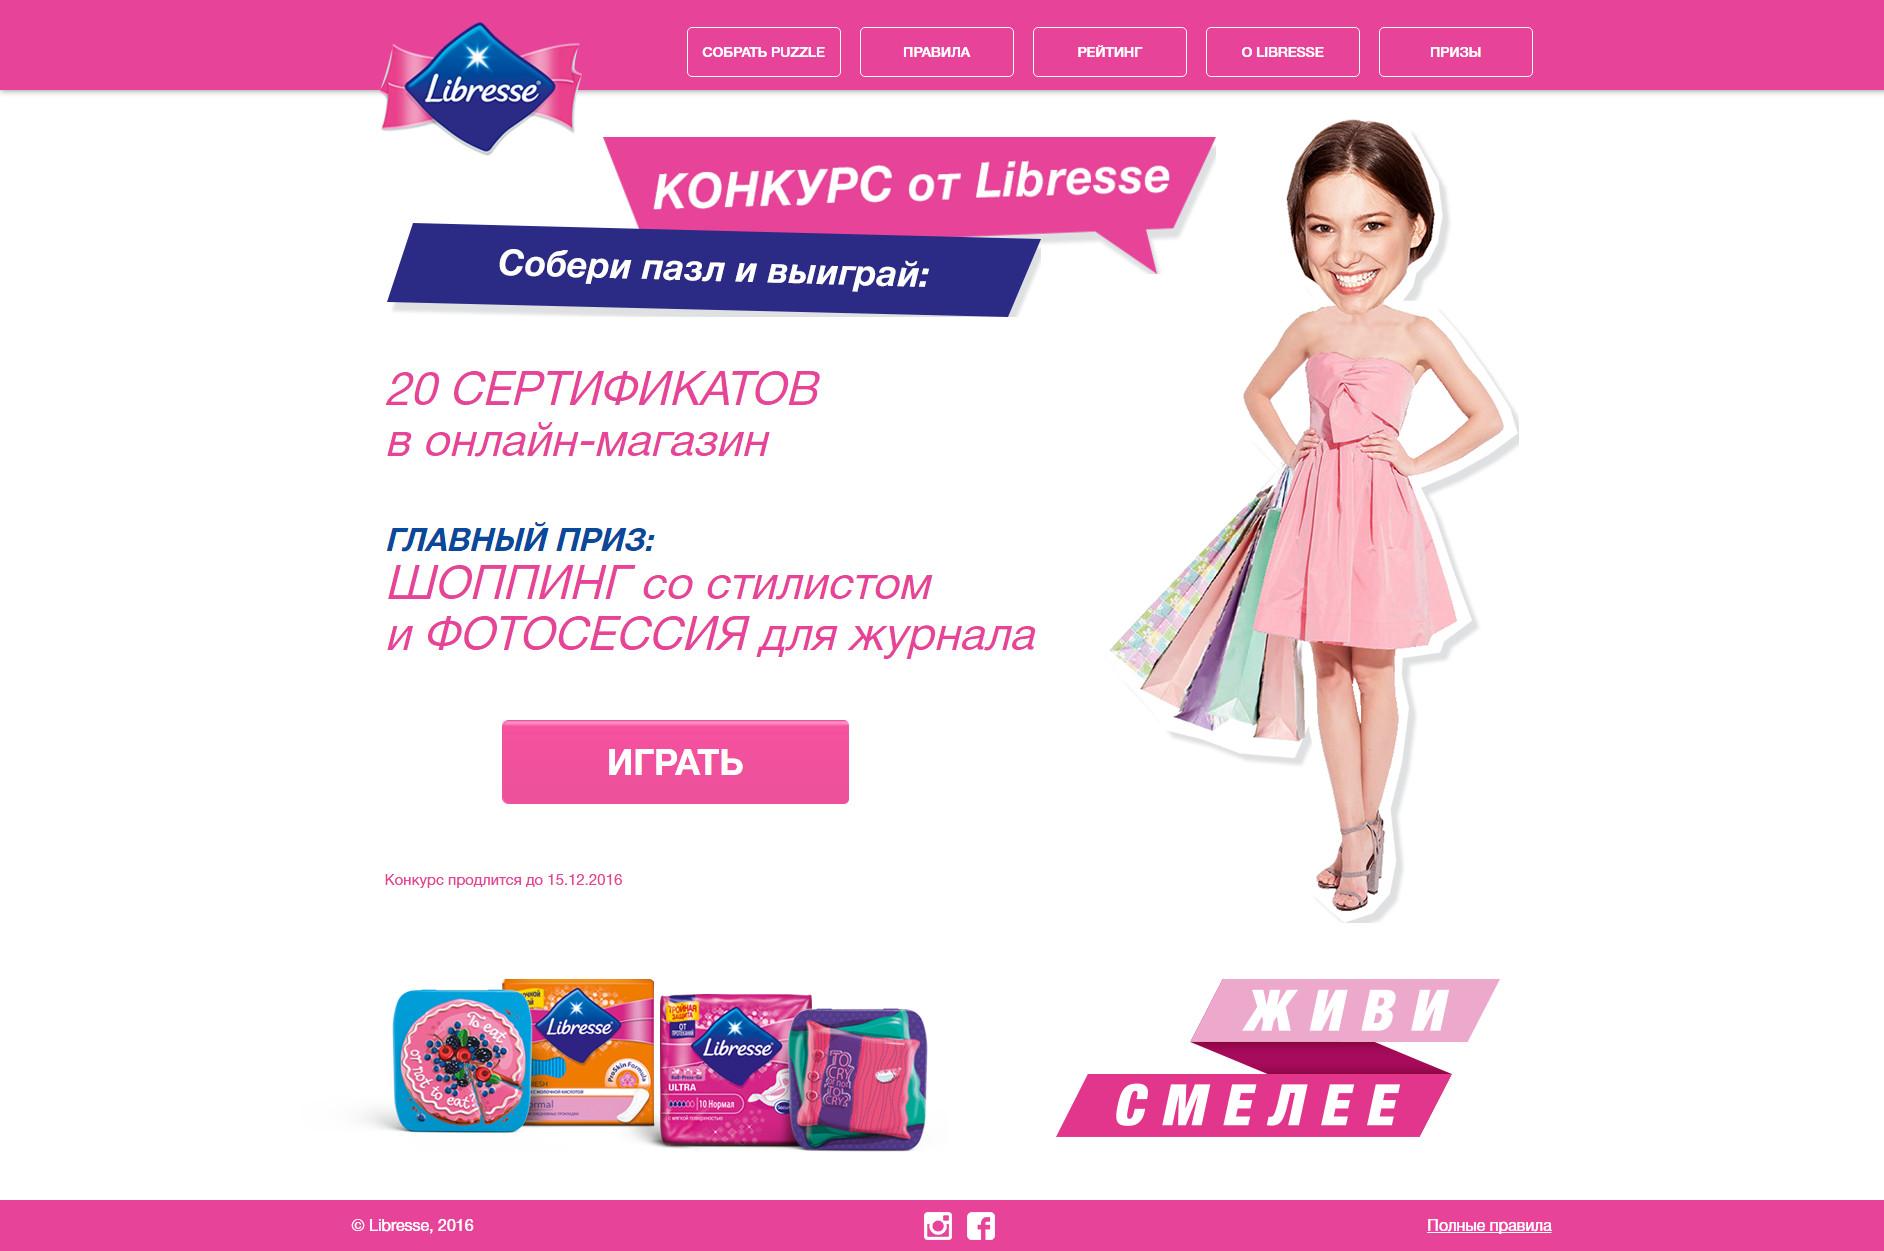 Промо приложение Libresse для ПК, планшетов и мобильных устройств